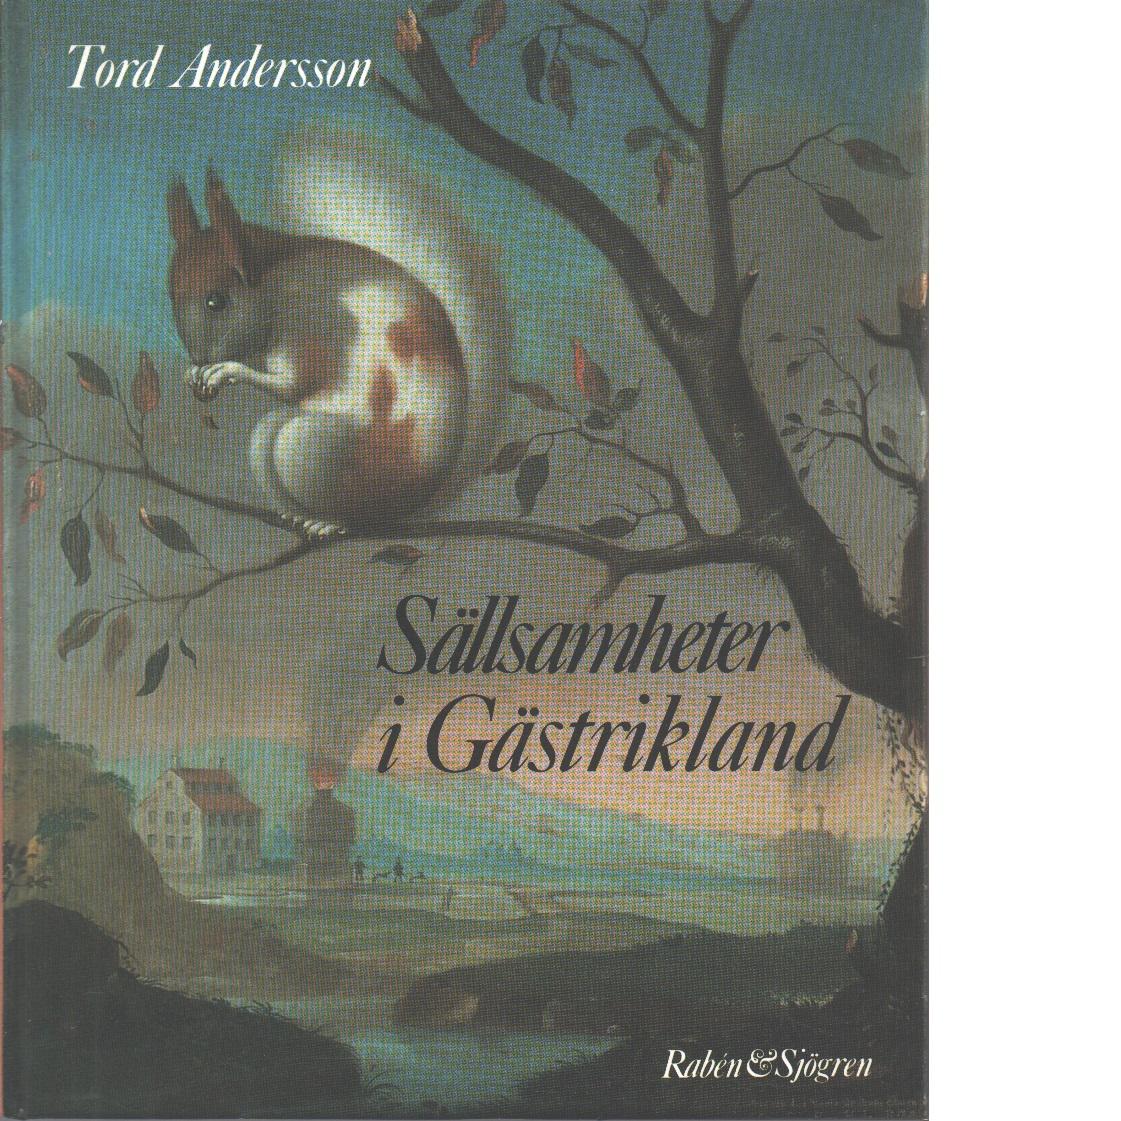 Sällsamheter i Gästrikland - Andersson, Tord